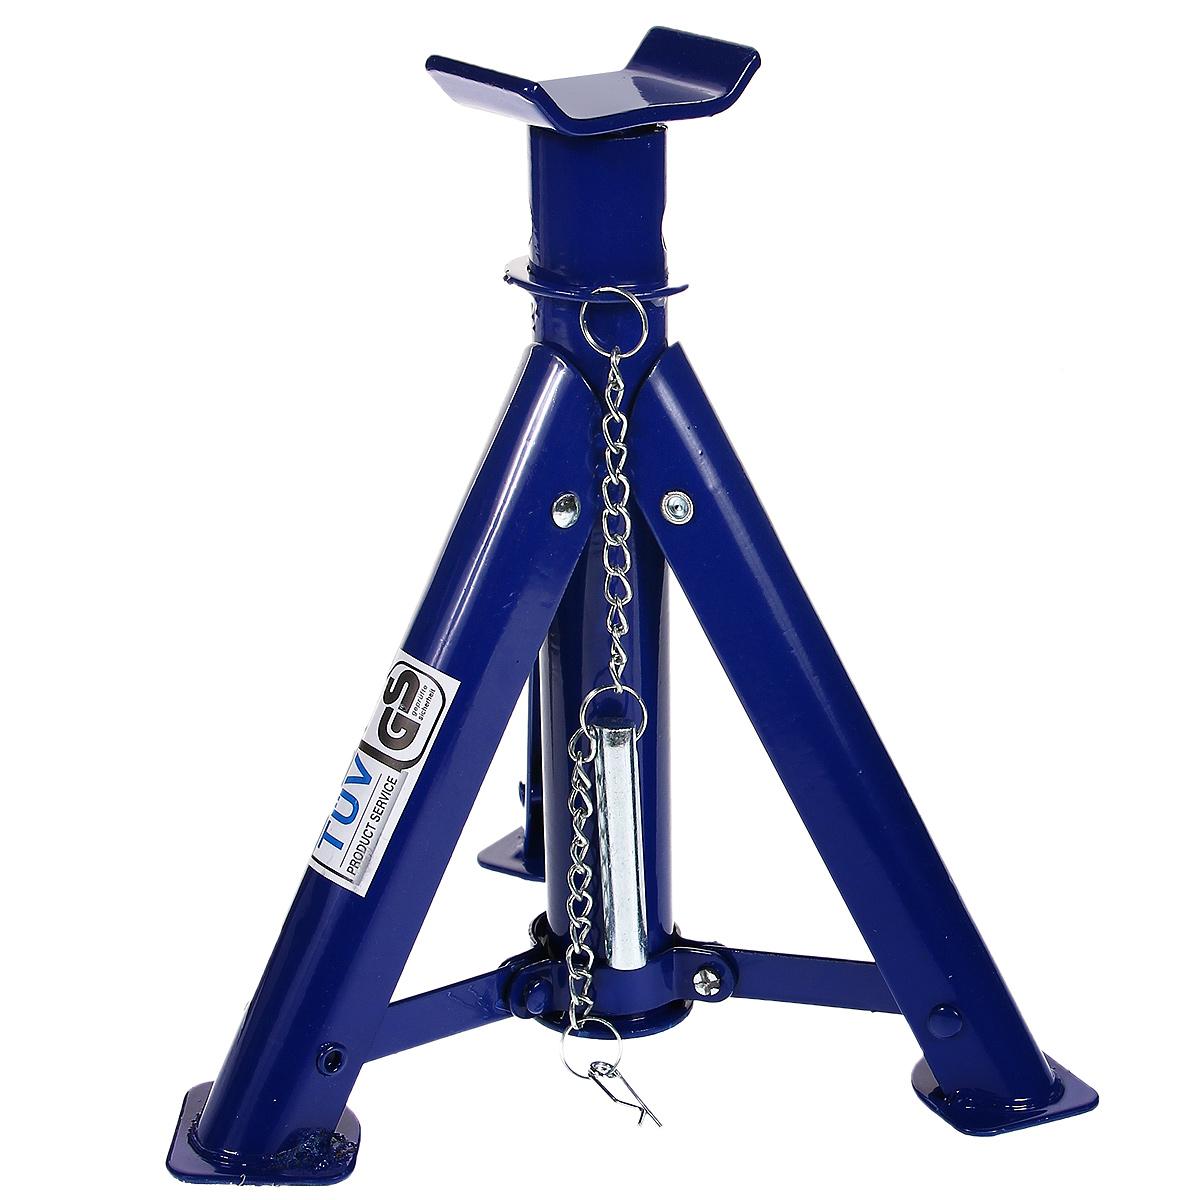 Подставка для автомобиля FIT, складная, 2 кгABS-12 CПодставка для автомобиля FIT, изготовленная из инструментальной стали, применяется как средство дополнительной страховки при поднятии автомобиля домкратом. 3 складные ножки для экономии места, удобства перевозки и хранения.Материал: инструментальная сталь. Максимальная нагрузка: 2 т. Высота подъема: 275-365 мм.